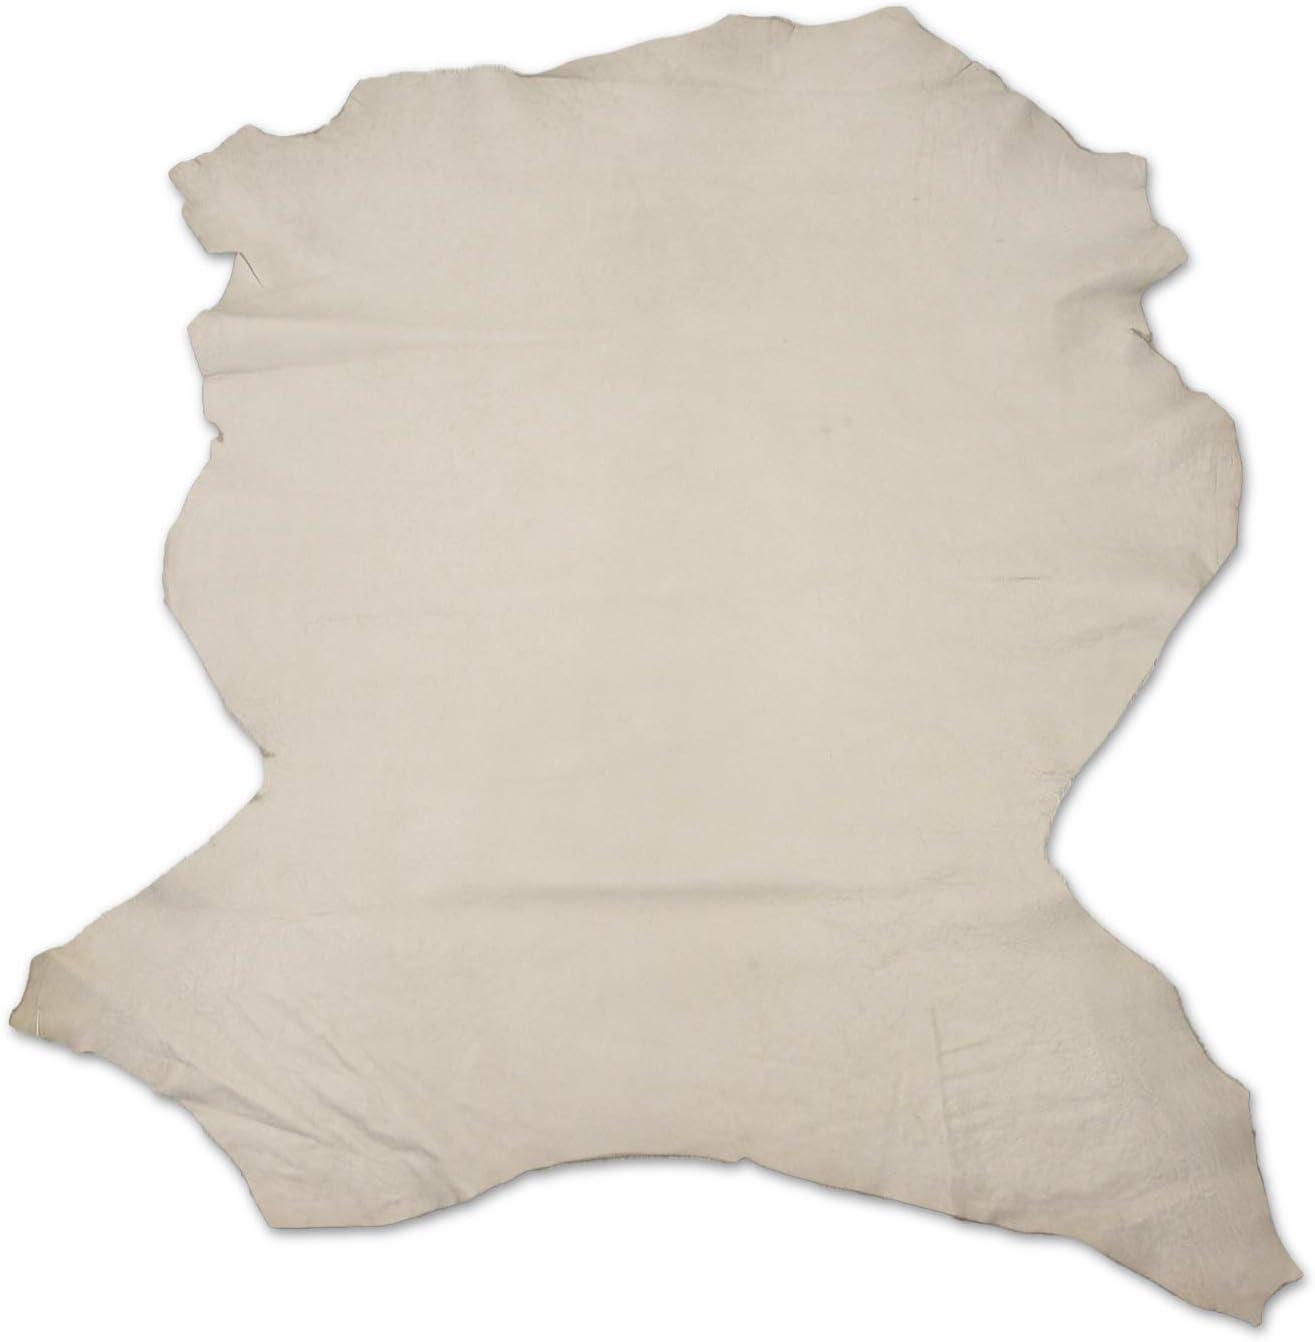 Zerimar Piel Cuero | Pieles Cuero Natural | Retales de Piel para Manualidades | Piel para Artesanos | Retal Cuero | Retales de Cuero | Color: camel | Medidas: 85x80 cm